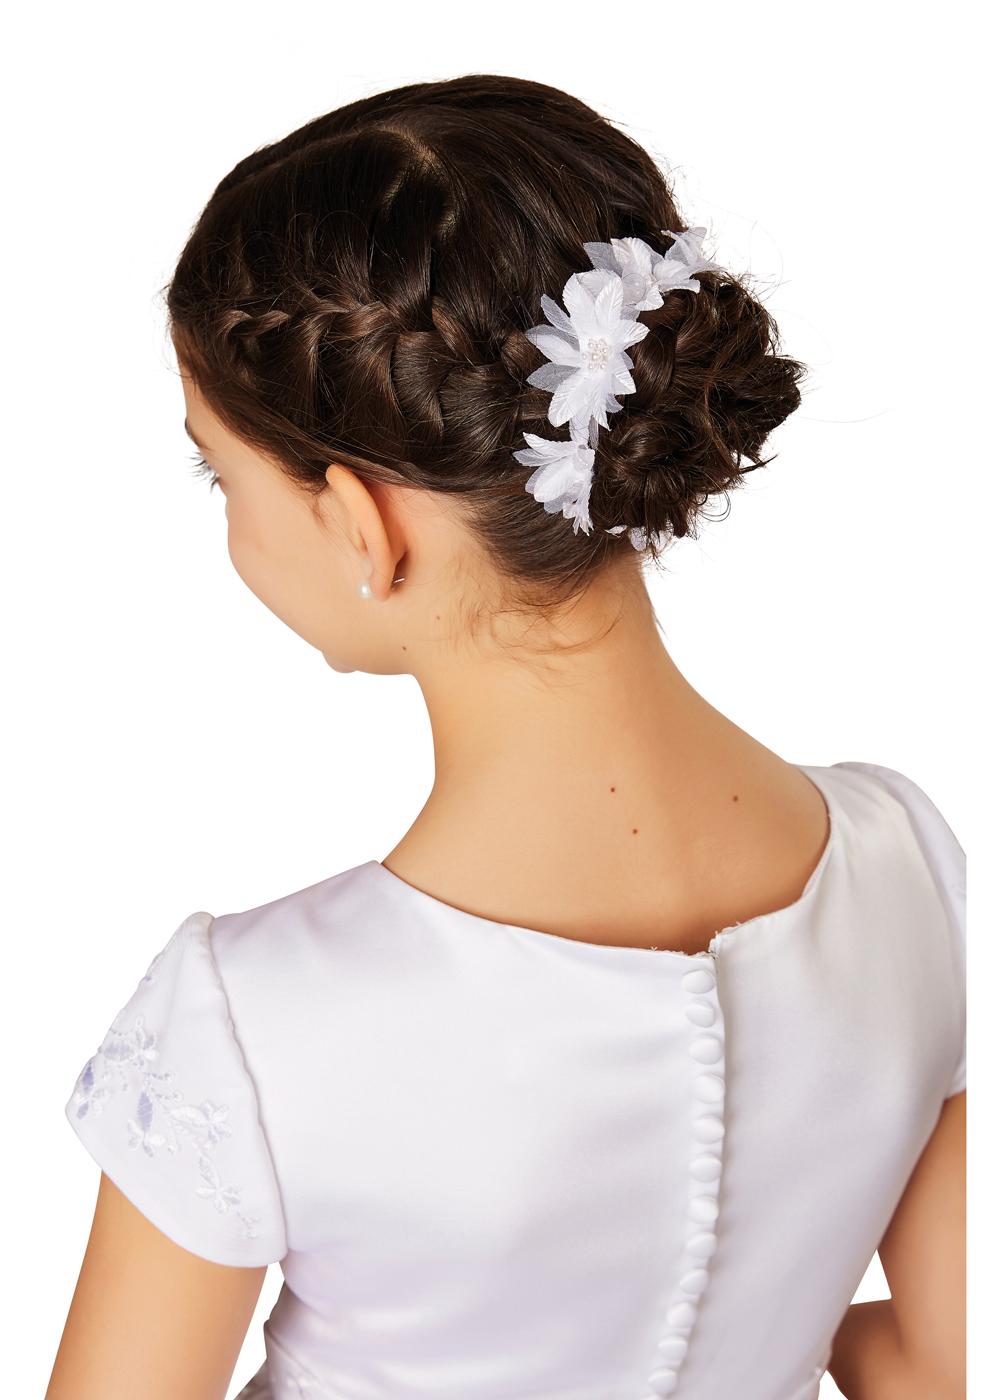 Kommunion Accessoires für Mädchen. Haarschmuck Modell 253225.